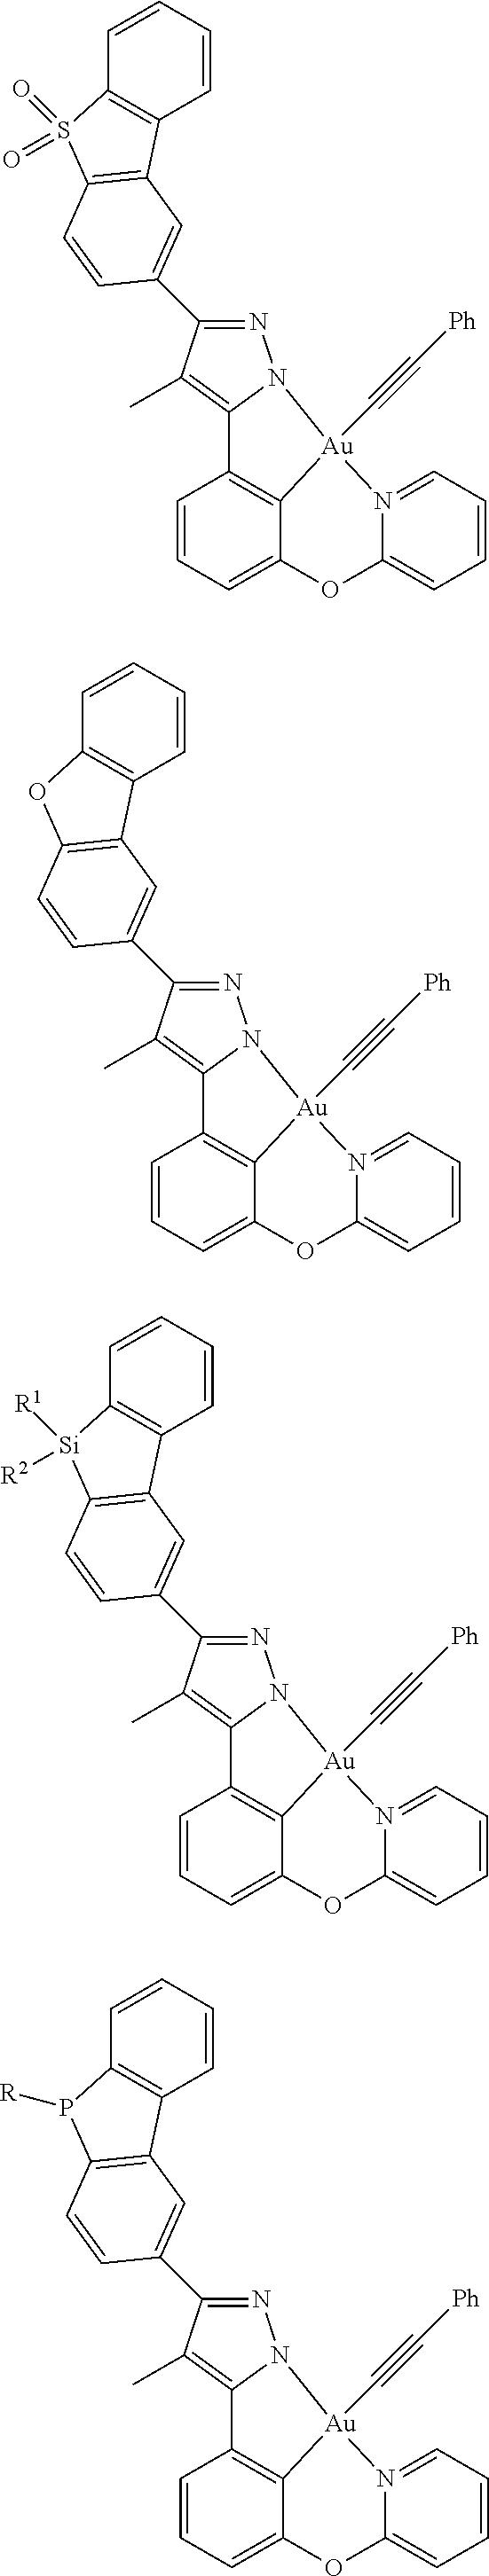 Figure US09818959-20171114-C00225